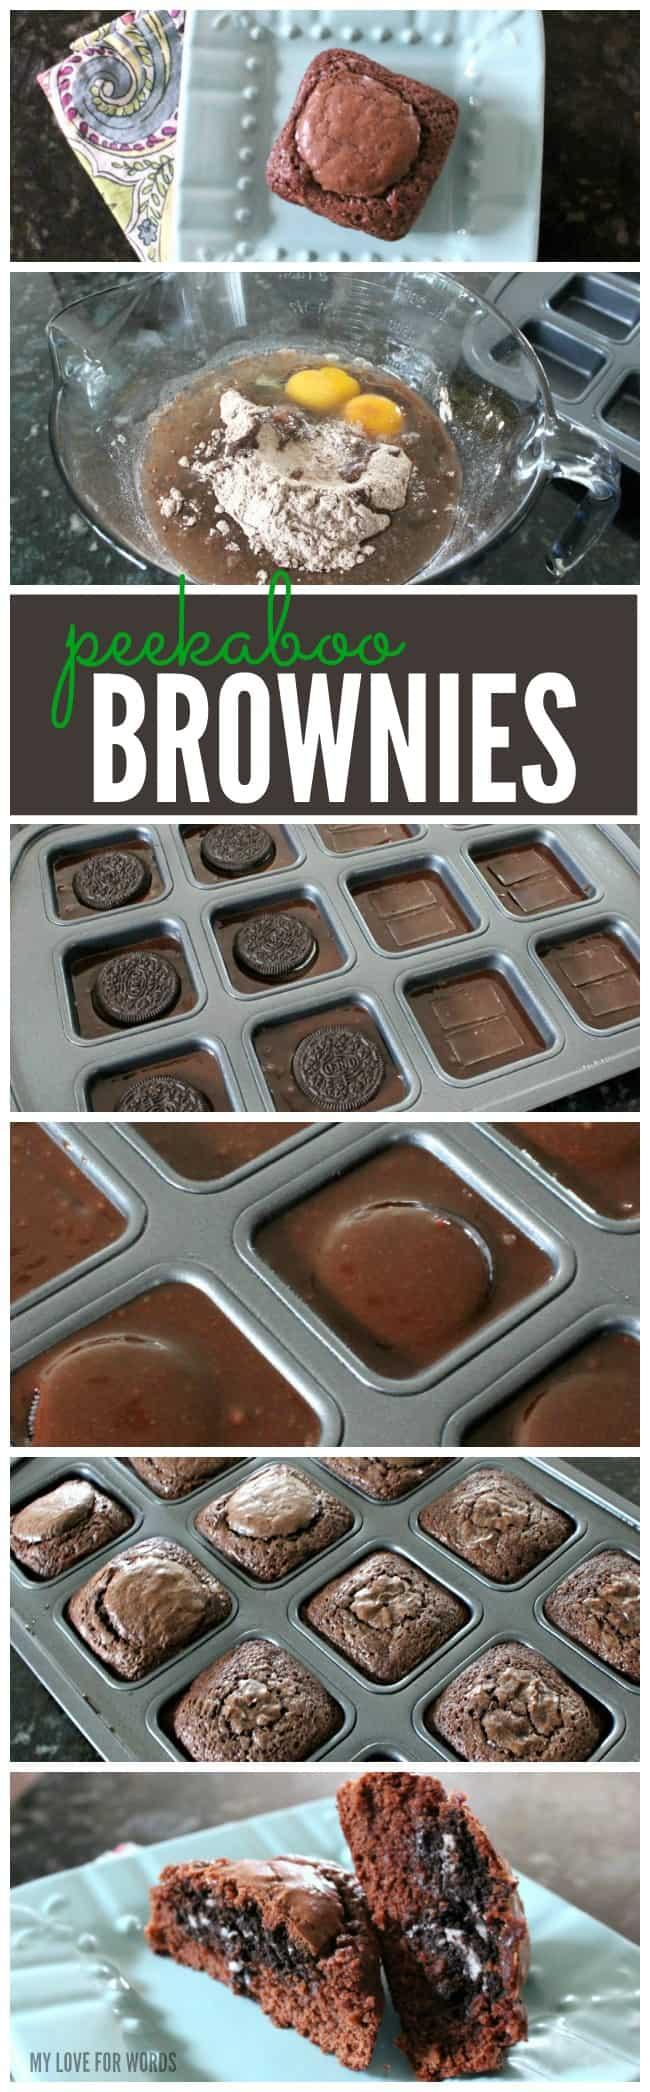 Peekaboo Brownies long collage 2